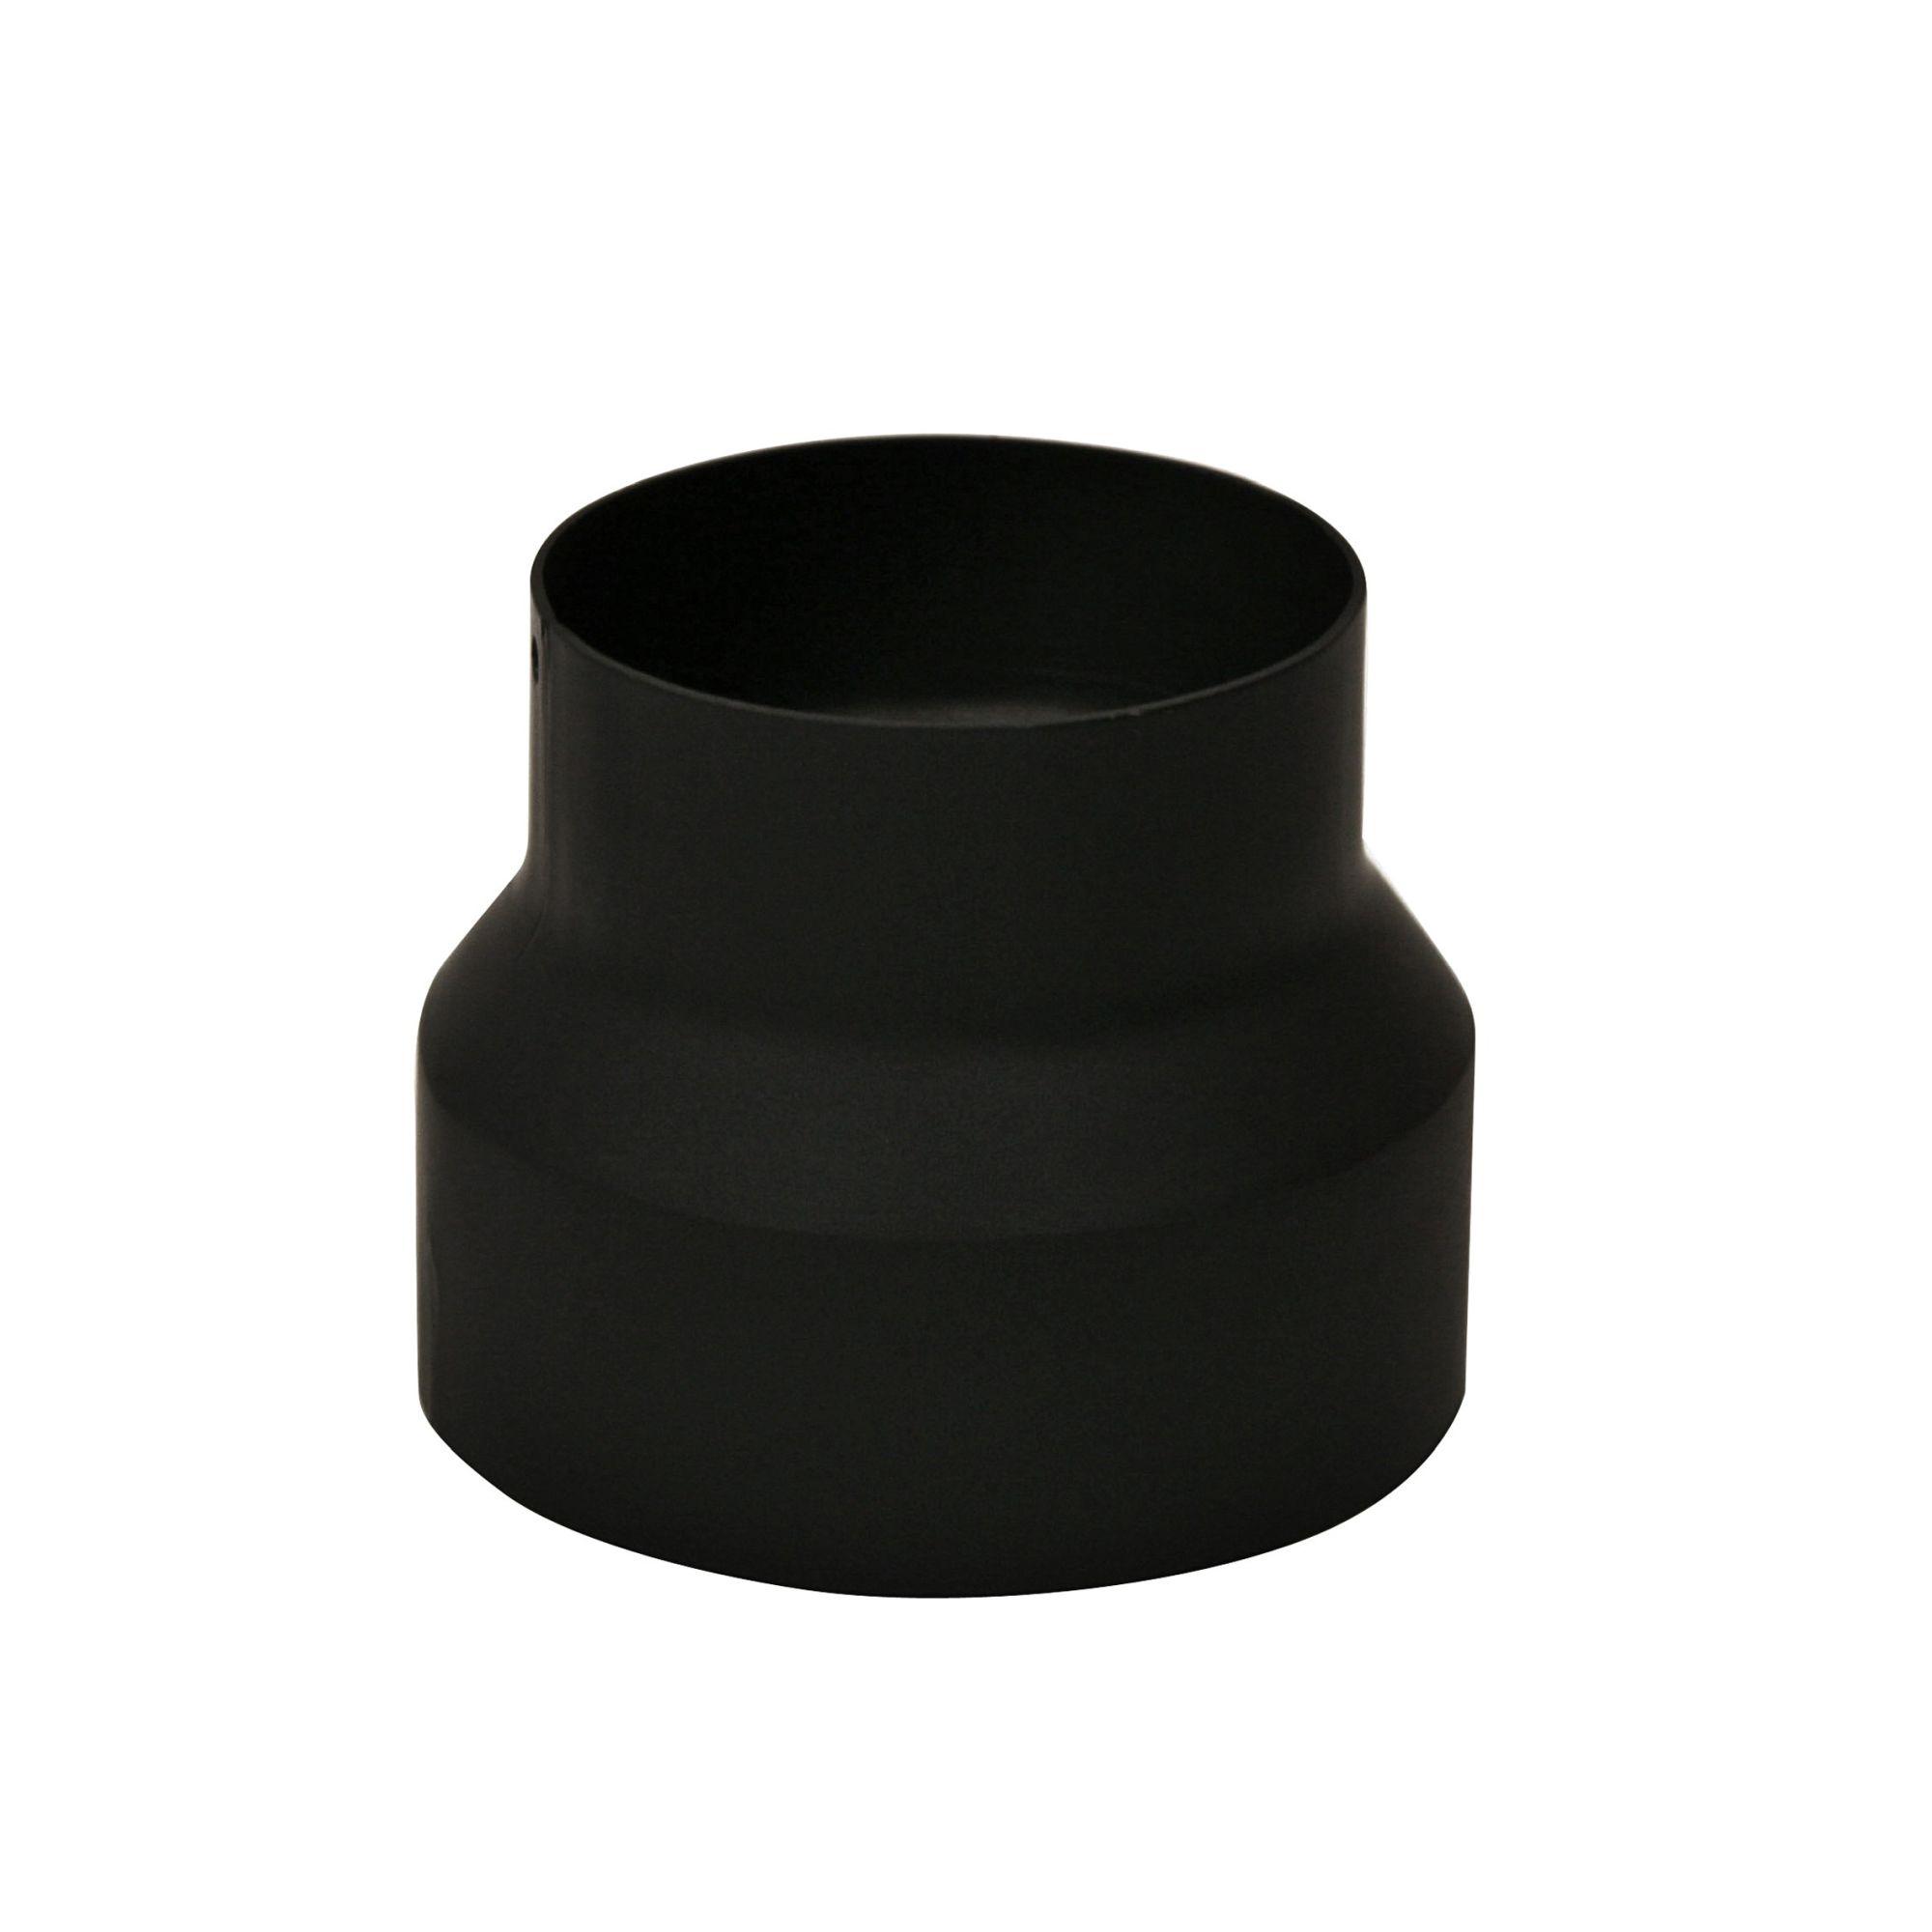 120 mm Reduzierung in Schwarz 130 mm